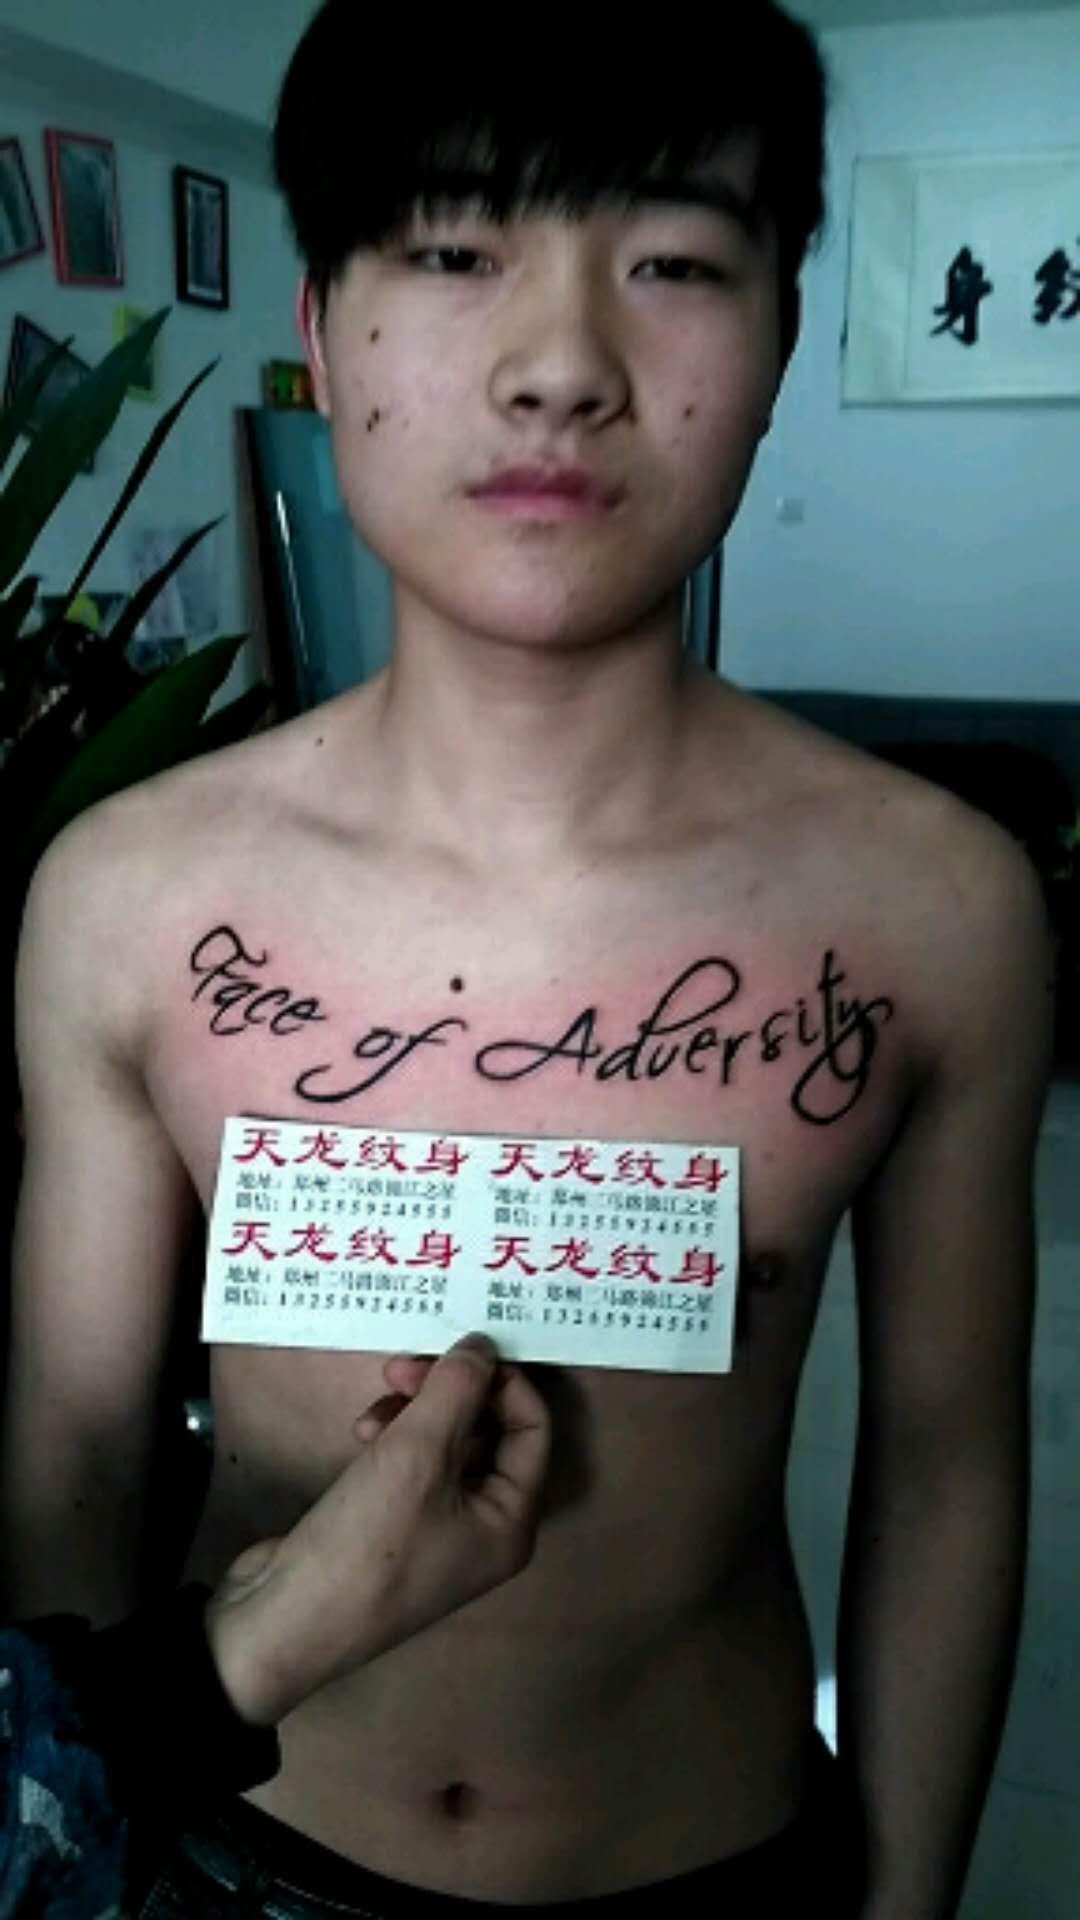 鄭州紋身培訓  專業的紋身刺青及教學團隊|其它-鄭州天龍紋身工作室